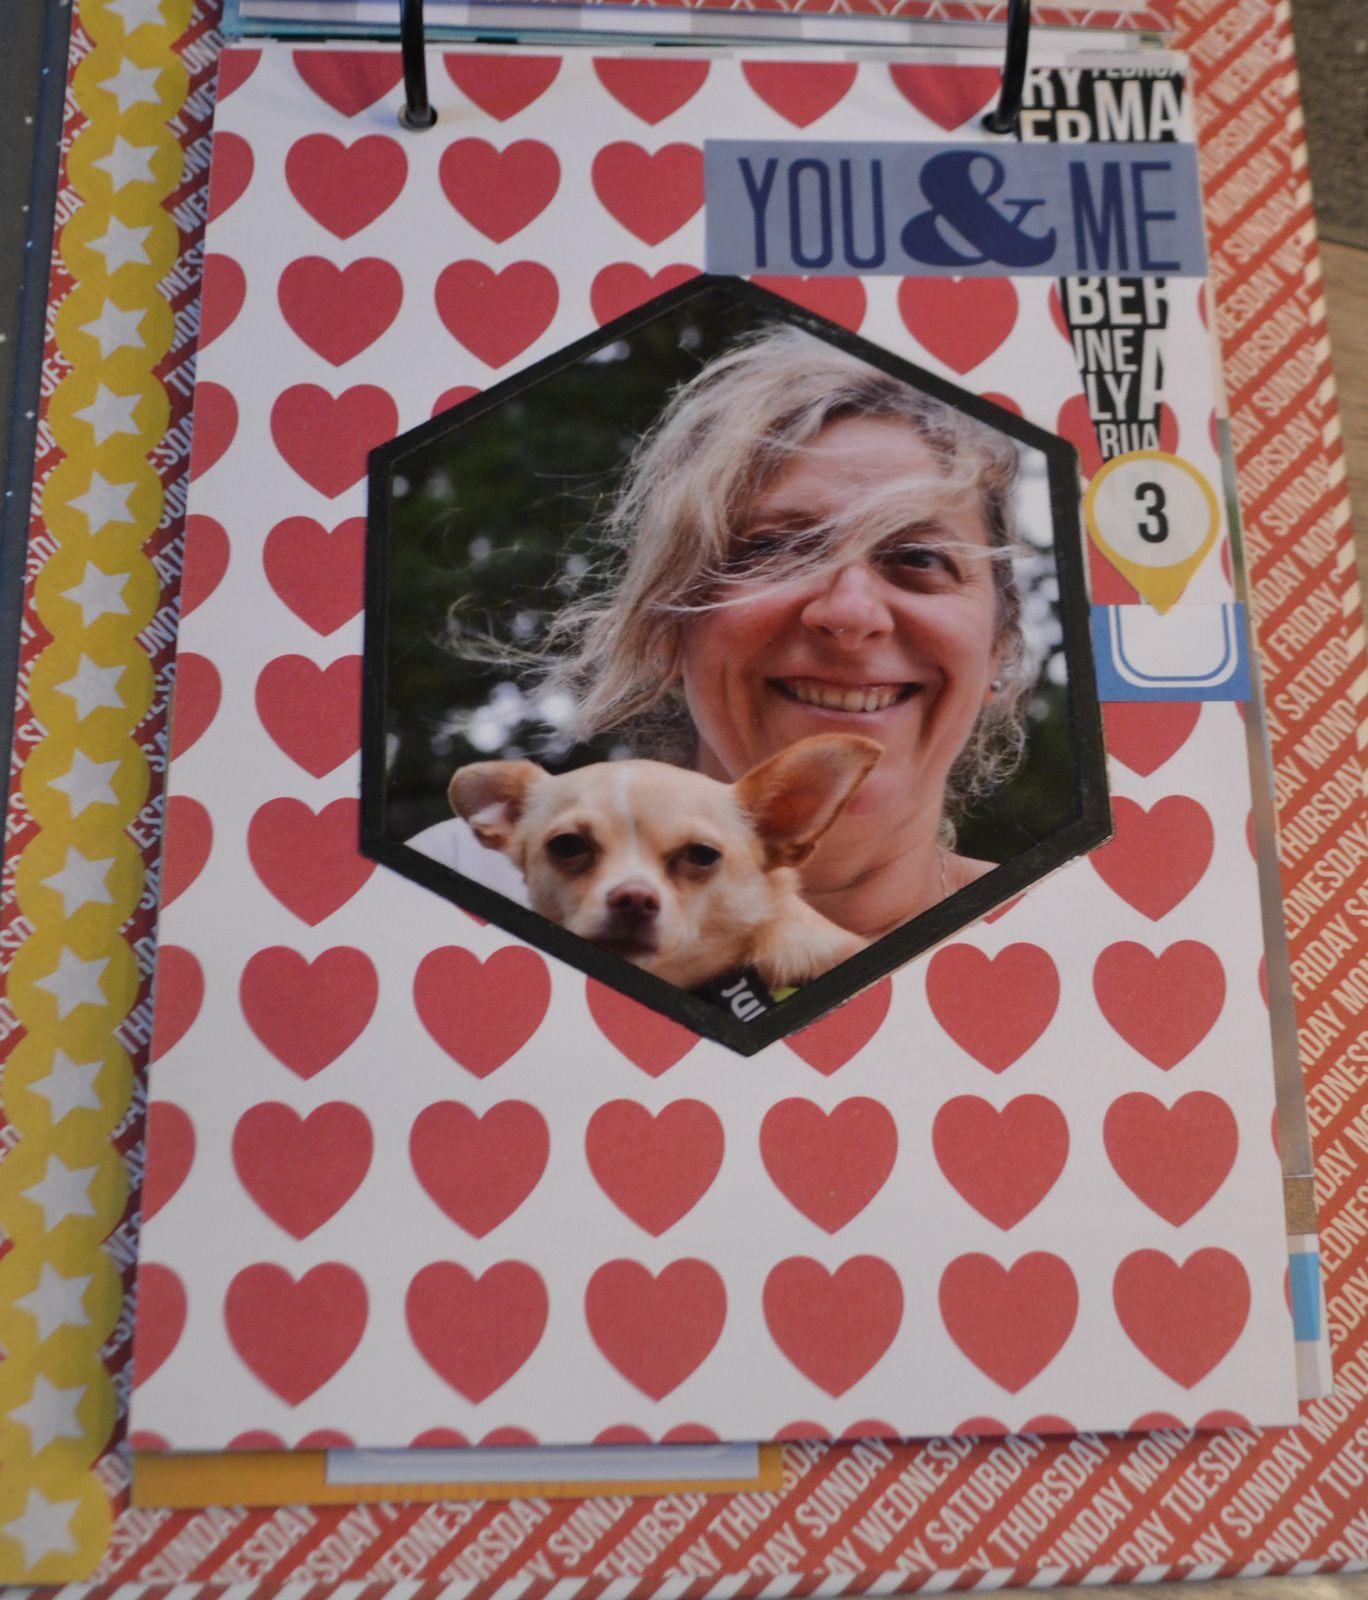 Mini album collections de moments heureux de Karine Cazenave-Tapie!